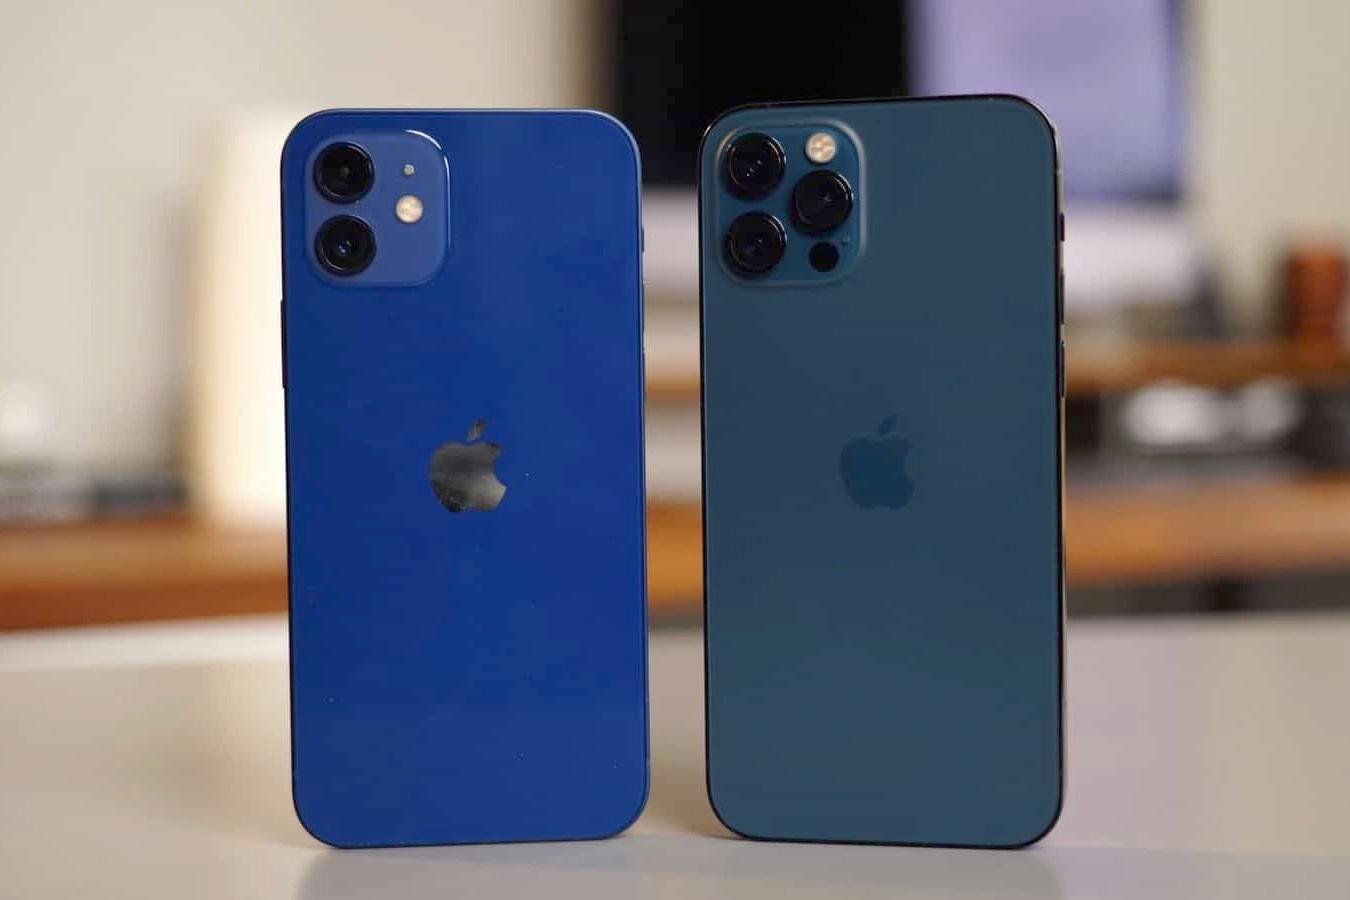 Trong lúc chờ mua iPhone 13, hãy bán iPhone 12 ngay - 1